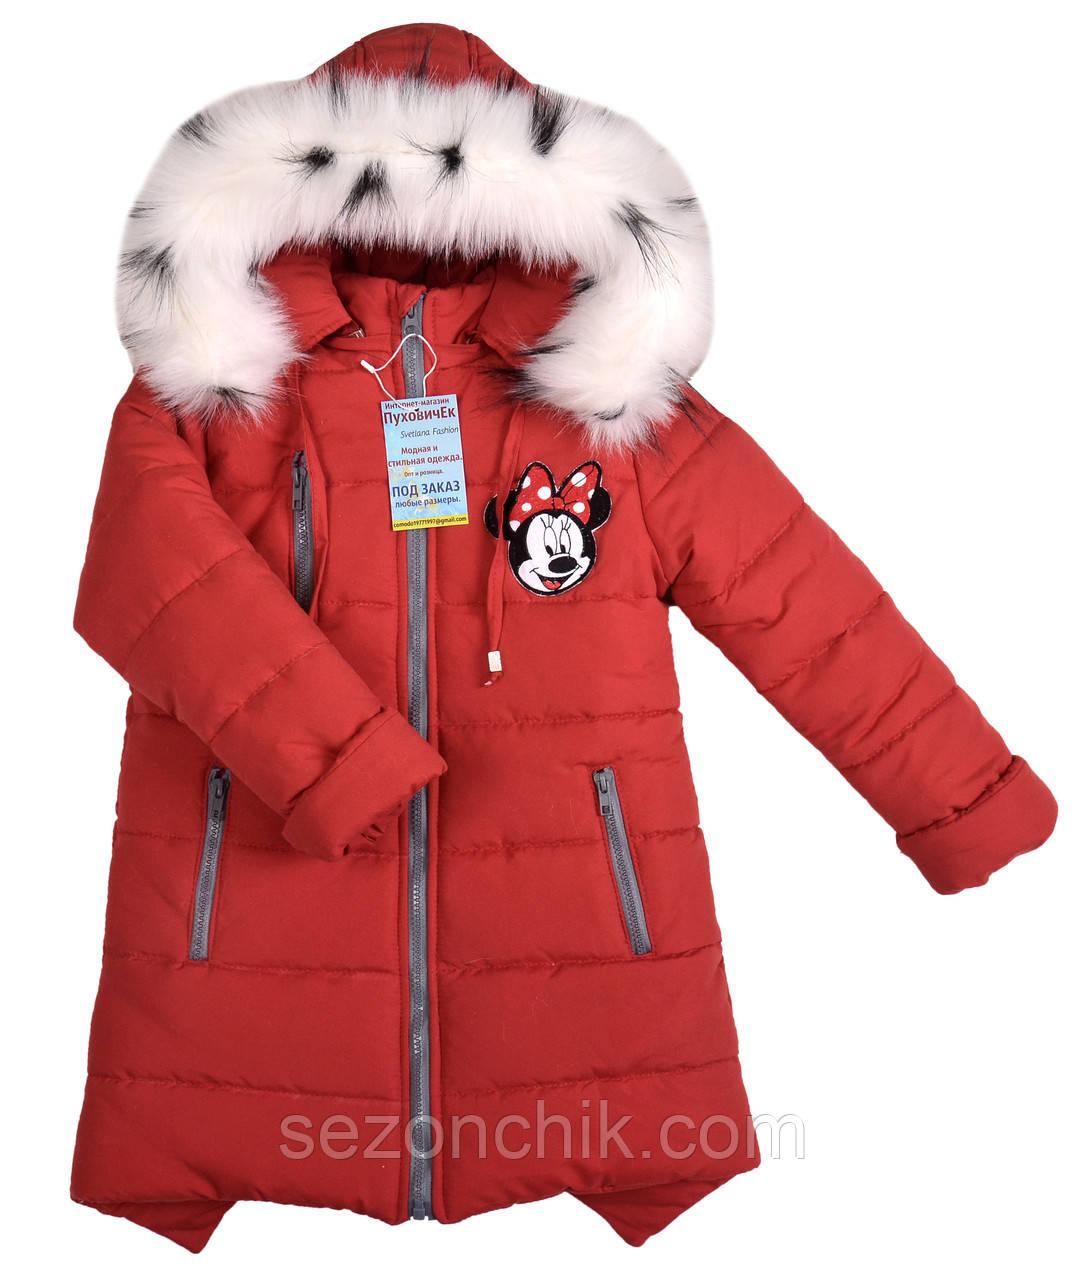 Детское зимнее пальто для девочки Украина теплое удлиненное